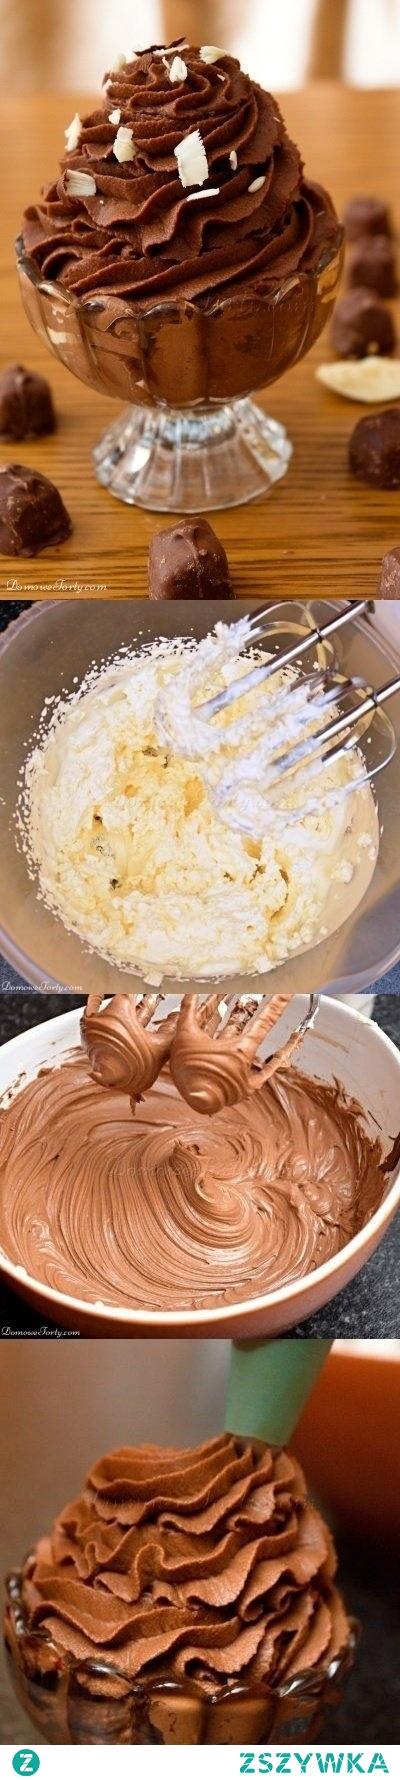 Czekoladowy krem na bazie śmietanki i mascarpone   SKŁADNIKI NA KREM CZEKOLADOWY (na 4 pucharki lub do przełożenia 1 tortu)  250ml. śmietany kremówki (dobrze schłodzonej) 250g.serka mascarpone 200 g. ciemnej czekolady 4 łyżki cukru pudru  Czekoladę rozpuszczamy w kąpieli wodnej-tzn.umieszczamy czekoladę w szklanej misce. Miskę stawiamy na garnku z gotującą się wodą-tak,aby dno miski nie dotykało wody.  Rozpuszczoną czekoladę odstawiamy do przestygnięcia (aż nie będzie gorąca,tylko delikatnie ciepła).  Śmietanę ubijamy. Serek mascarpone mieszamy mikserem z cukrem pudrem.  Nie przerywając pracy miksera – dodajemy do serka czekoladę (delikatnie wlewamy małym strumieniem). Miksujemy, do momentu uzyskania gładkiej masy.  Do masy czekoladowej dodajemy ubitą śmietanę. Następnie mieszamy – ręcznie lub mikserem na wolnych obrotach, do momentu, aż uzyskamy jednolitą, kremową, gęstą konsystencję.  Dla uzyskania ładnie prezentującego się deseru - nakładamy krem do pucharka za pomocą rękawa do zdobienia tortów.  Gotowy krem przechowujemy w lodówce.